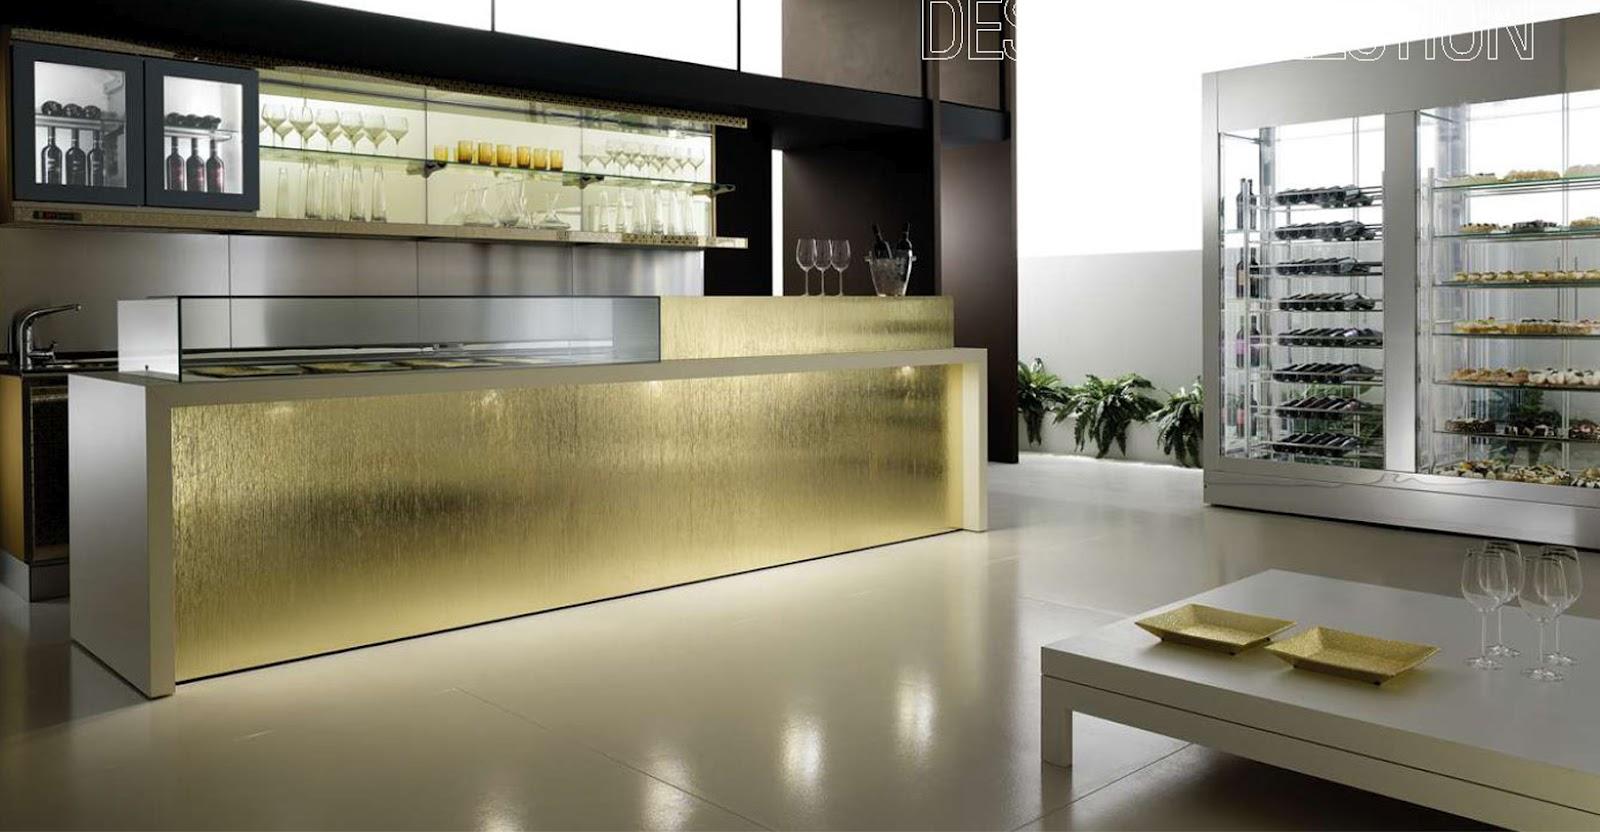 Banchi bar degart banchi bar caserta napoli salerno for Arredo bar napoli